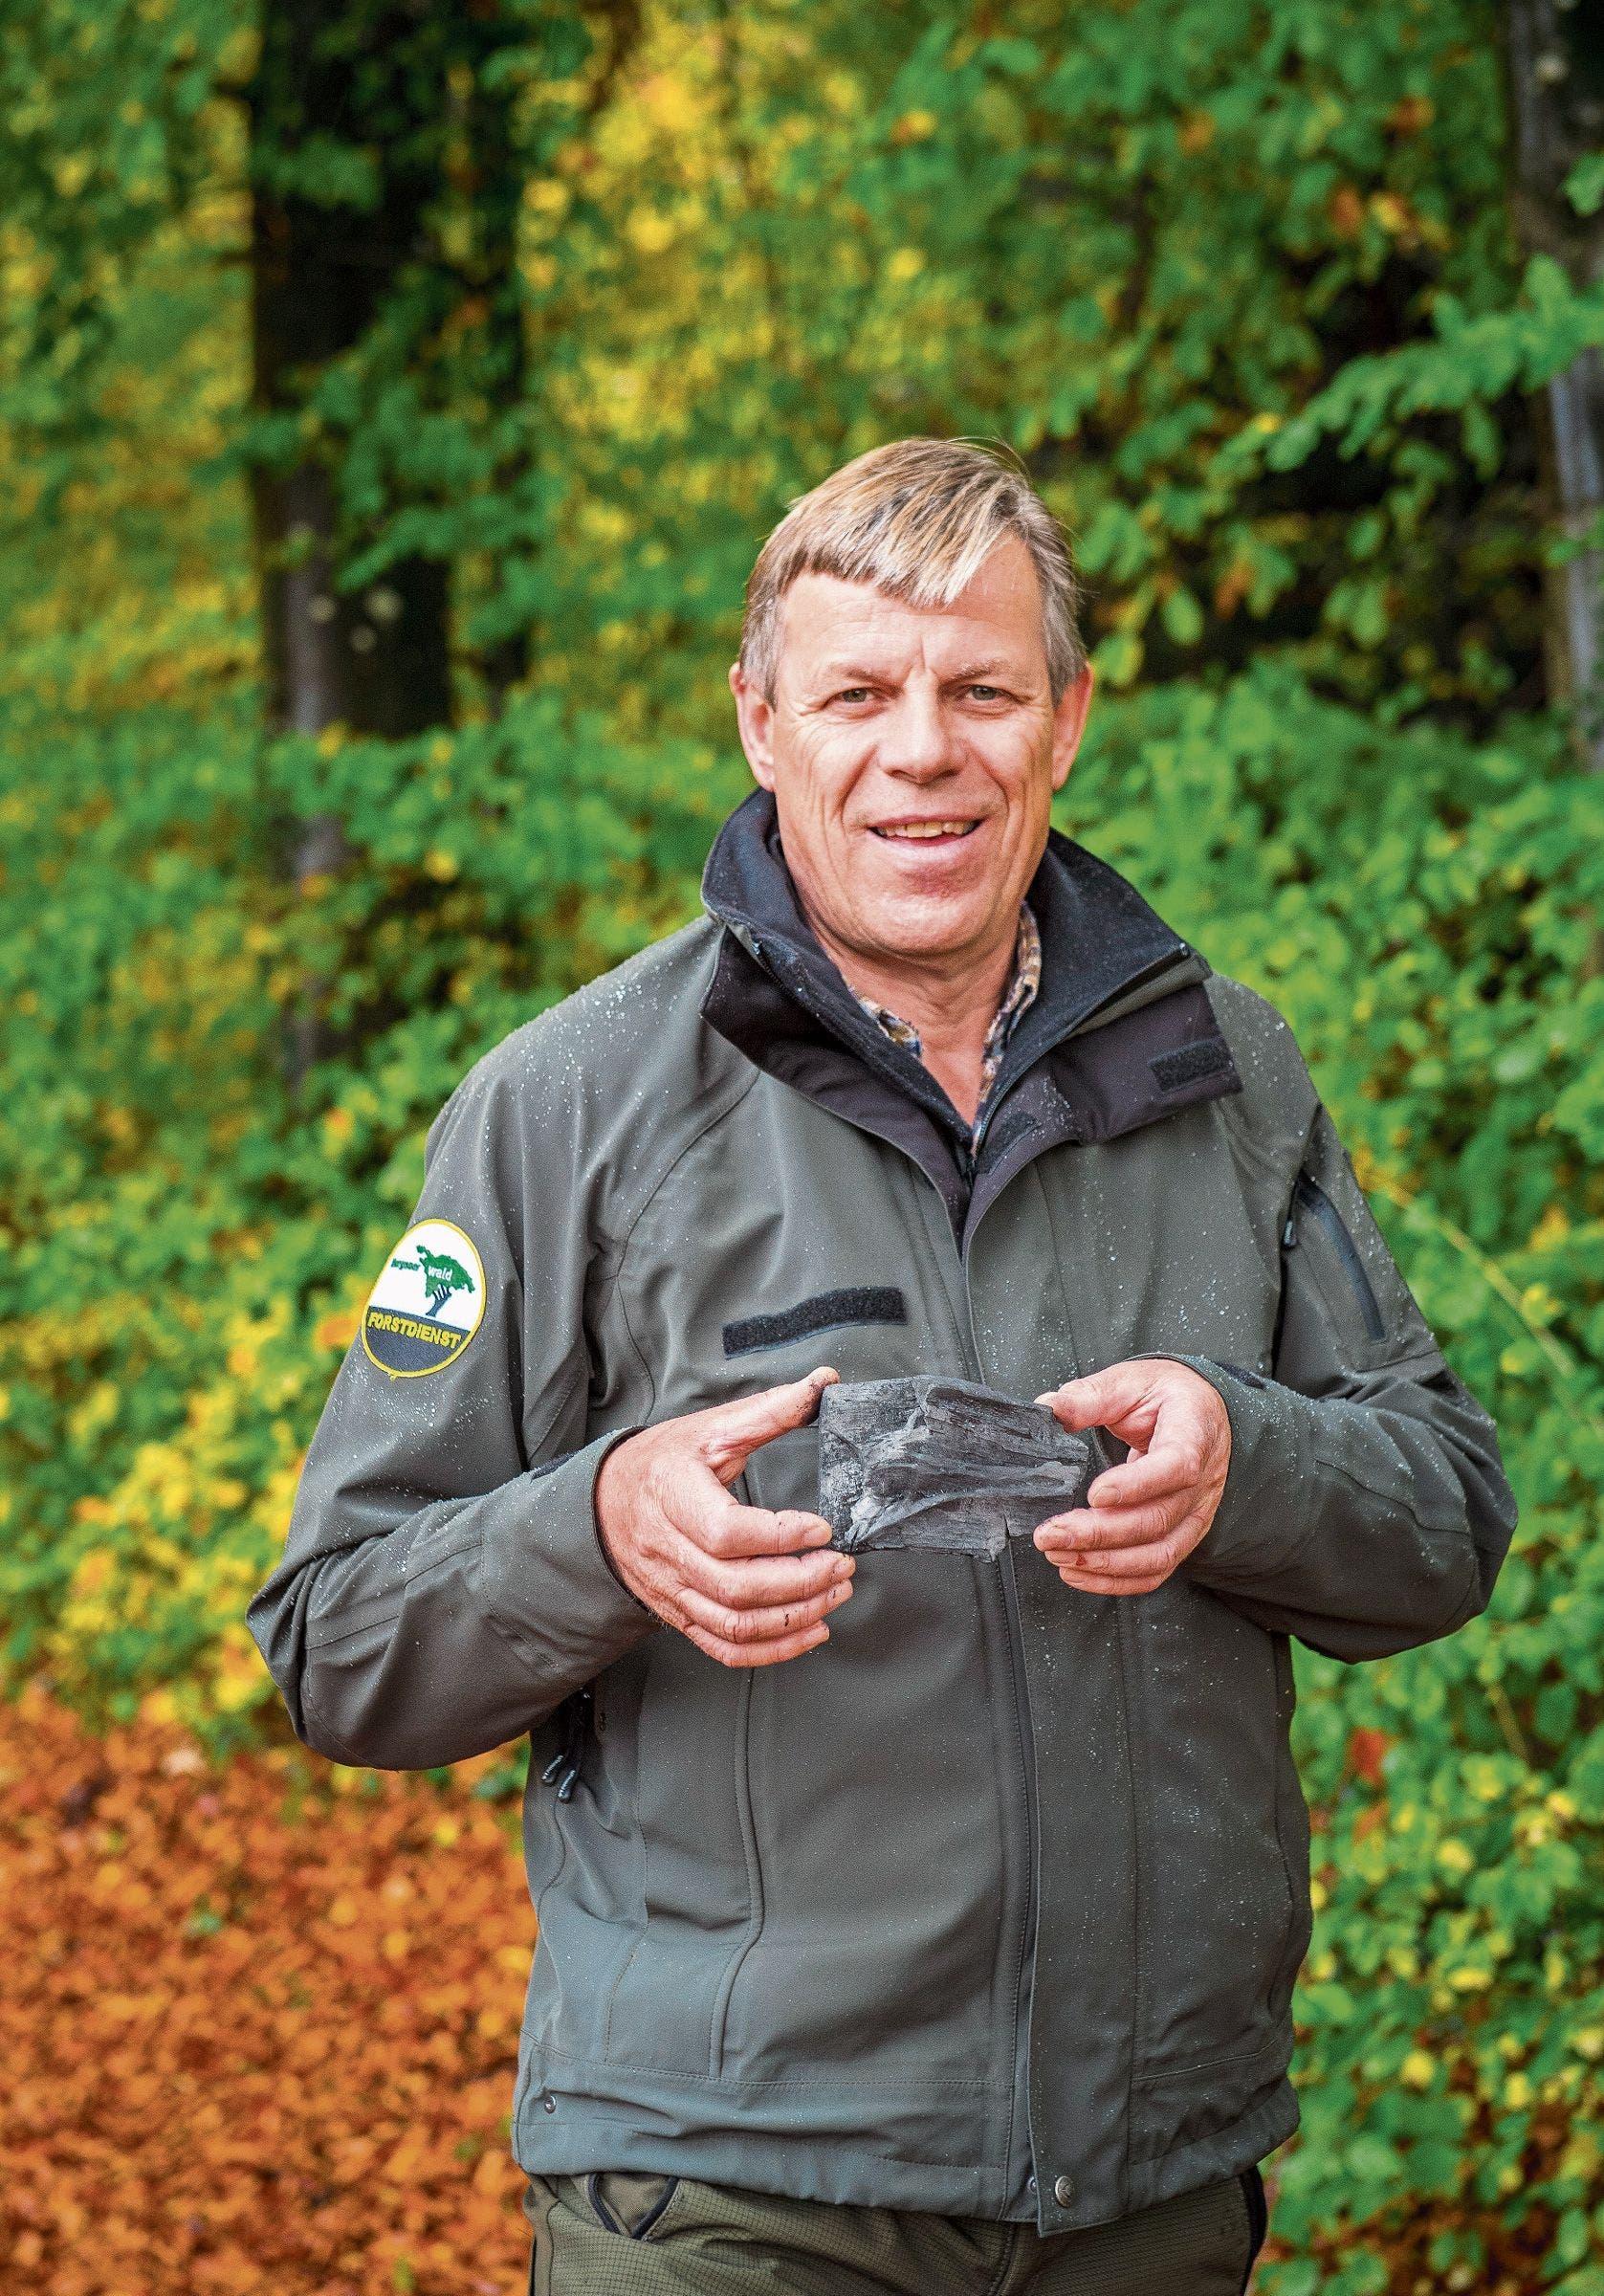 Claude Engeler mit einem Stück Kohle in der Hand – der Dividende für Aktionäre einer Köhleraktie. Bild: Urs Bucher